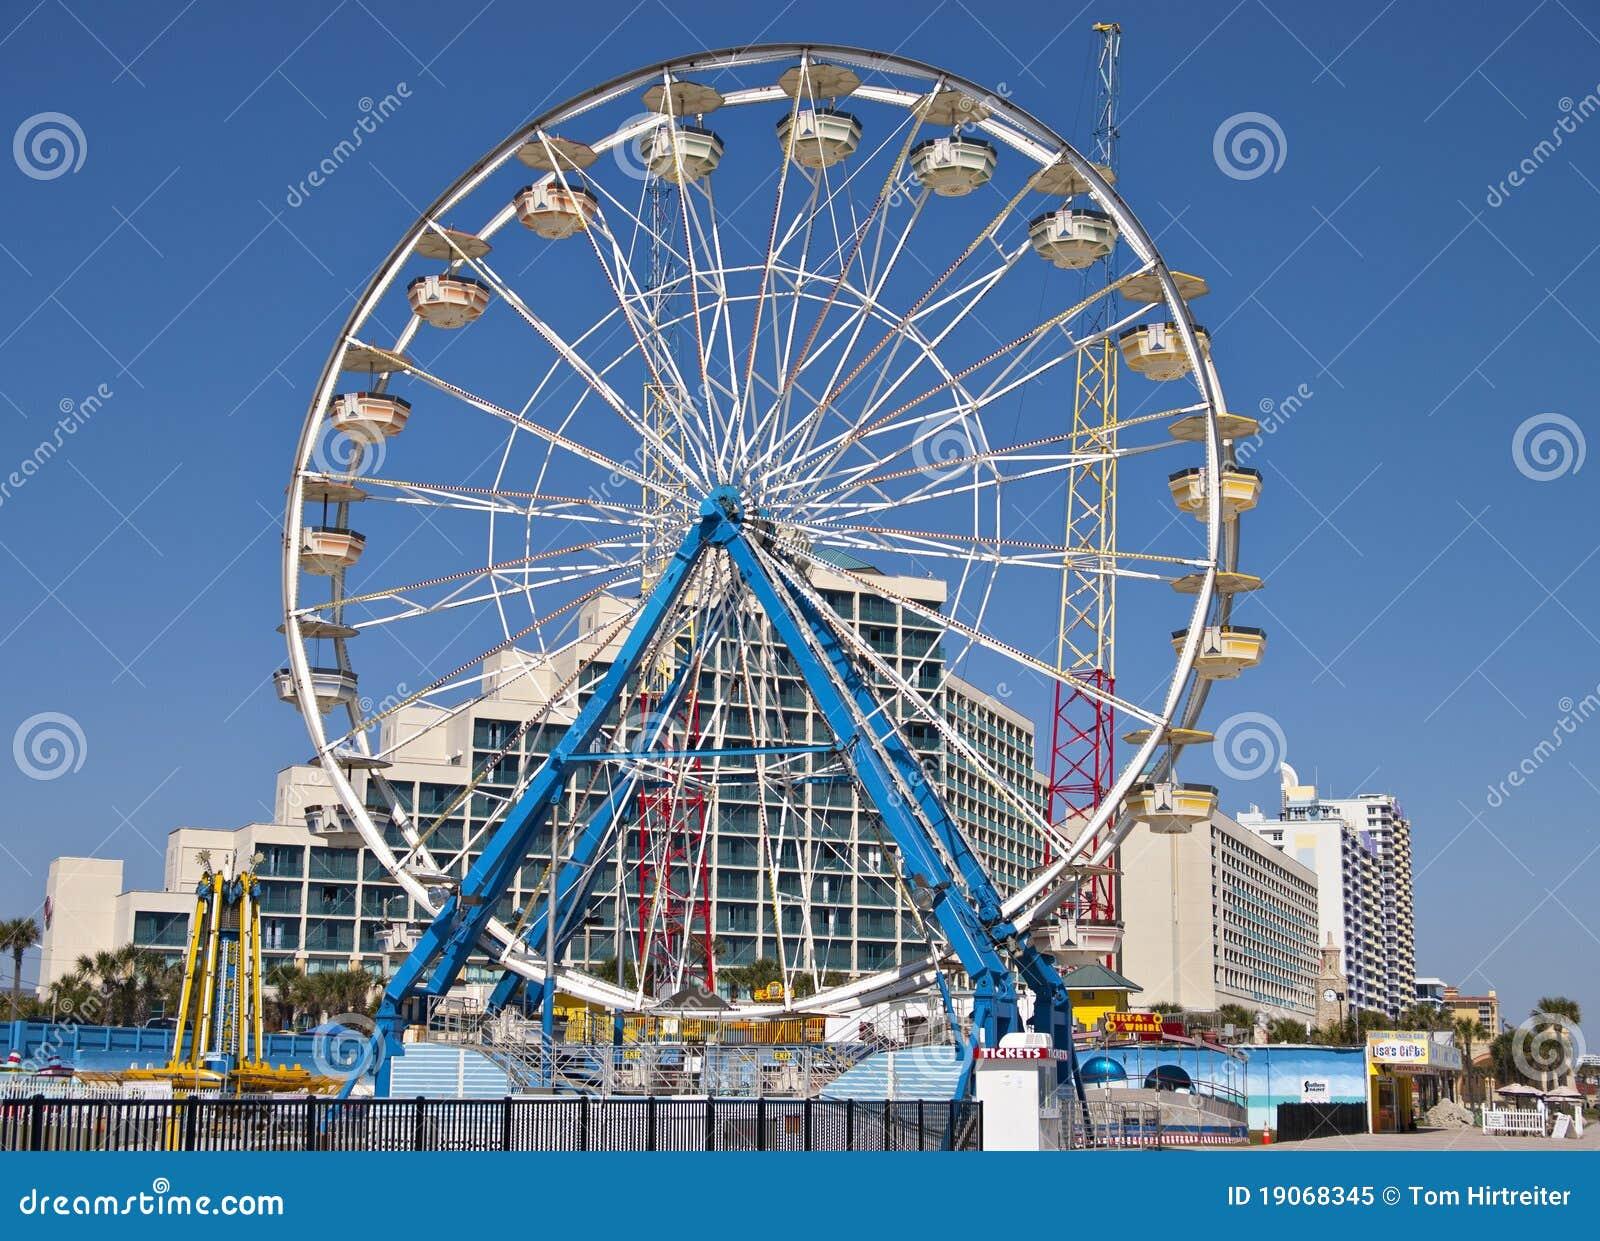 Ferris Wheel Daytona Beach Fl